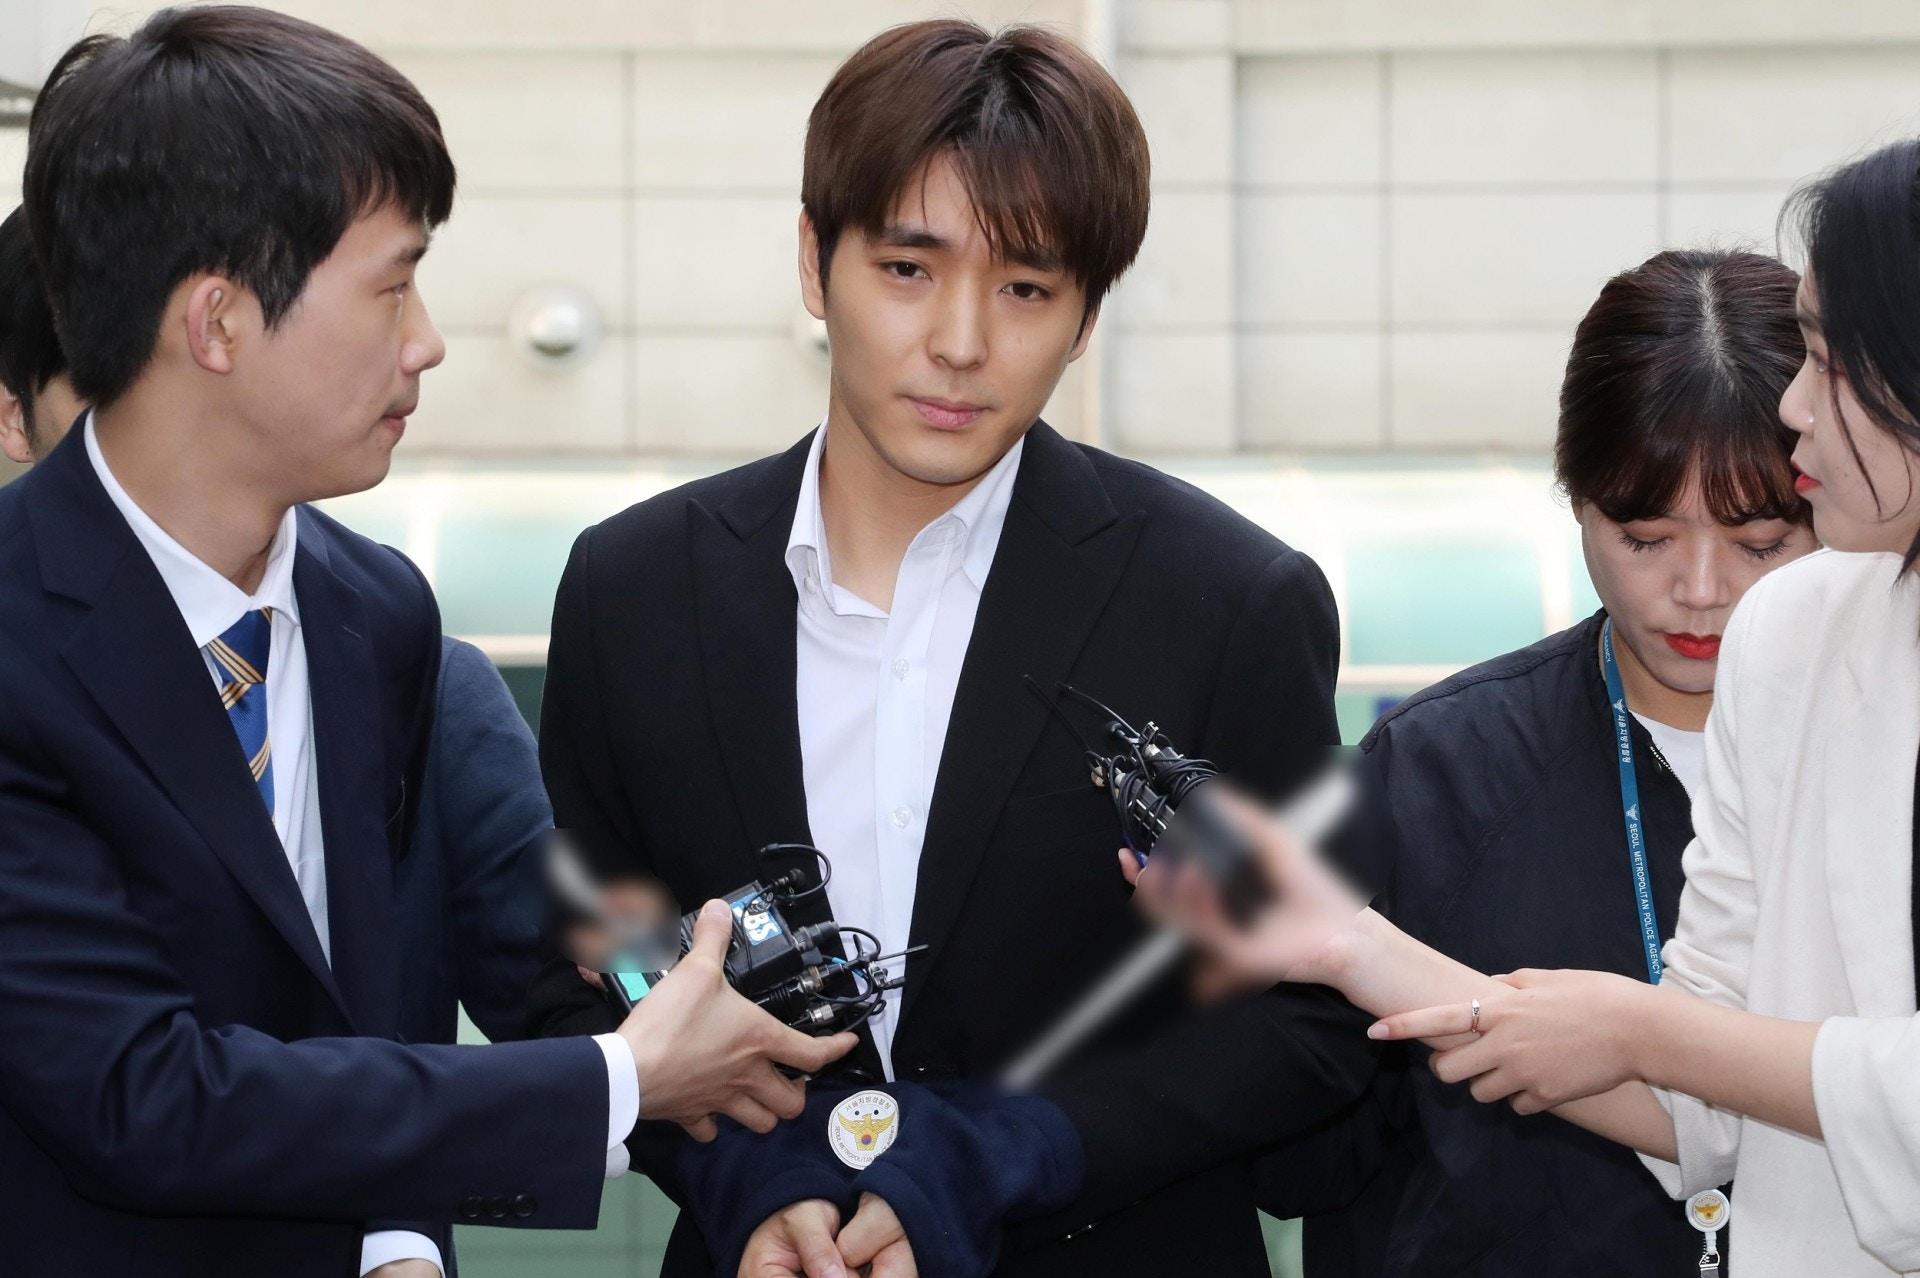 郑俊英、崔钟训涉性侵及偷拍,韩国检方要求判7年还要戴电子脚镣!插图(5)